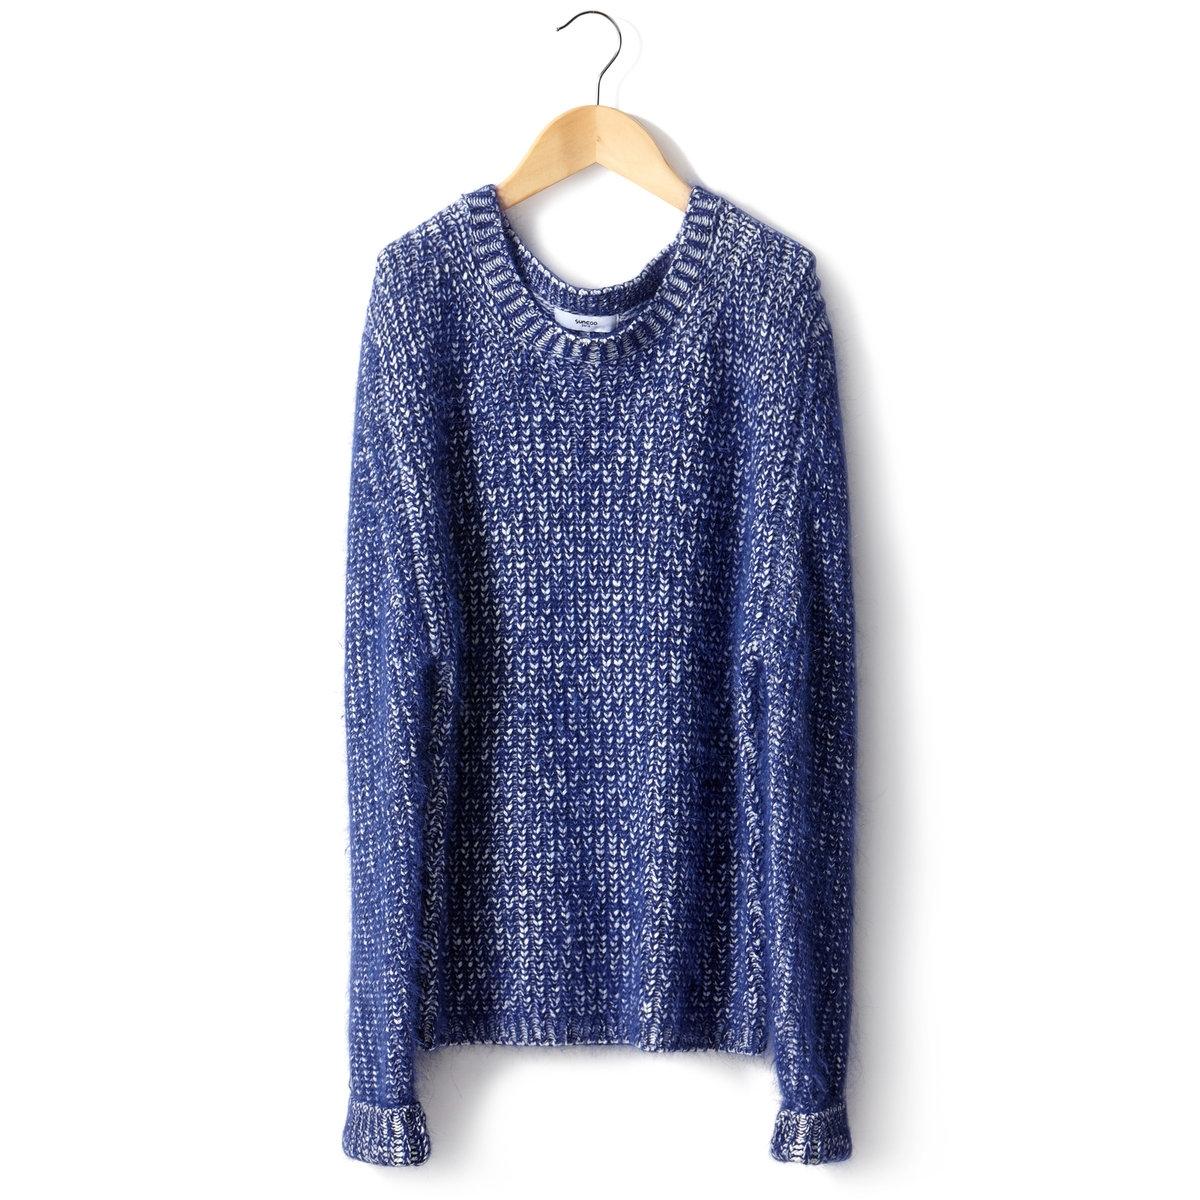 ПуловерПуловер SUNCOO. 22% шерсти альпаки, 54% акрила, 24% полиамида. Длинные рукава. Круглый вырез.<br><br>Цвет: синий<br>Размер: 1(S)